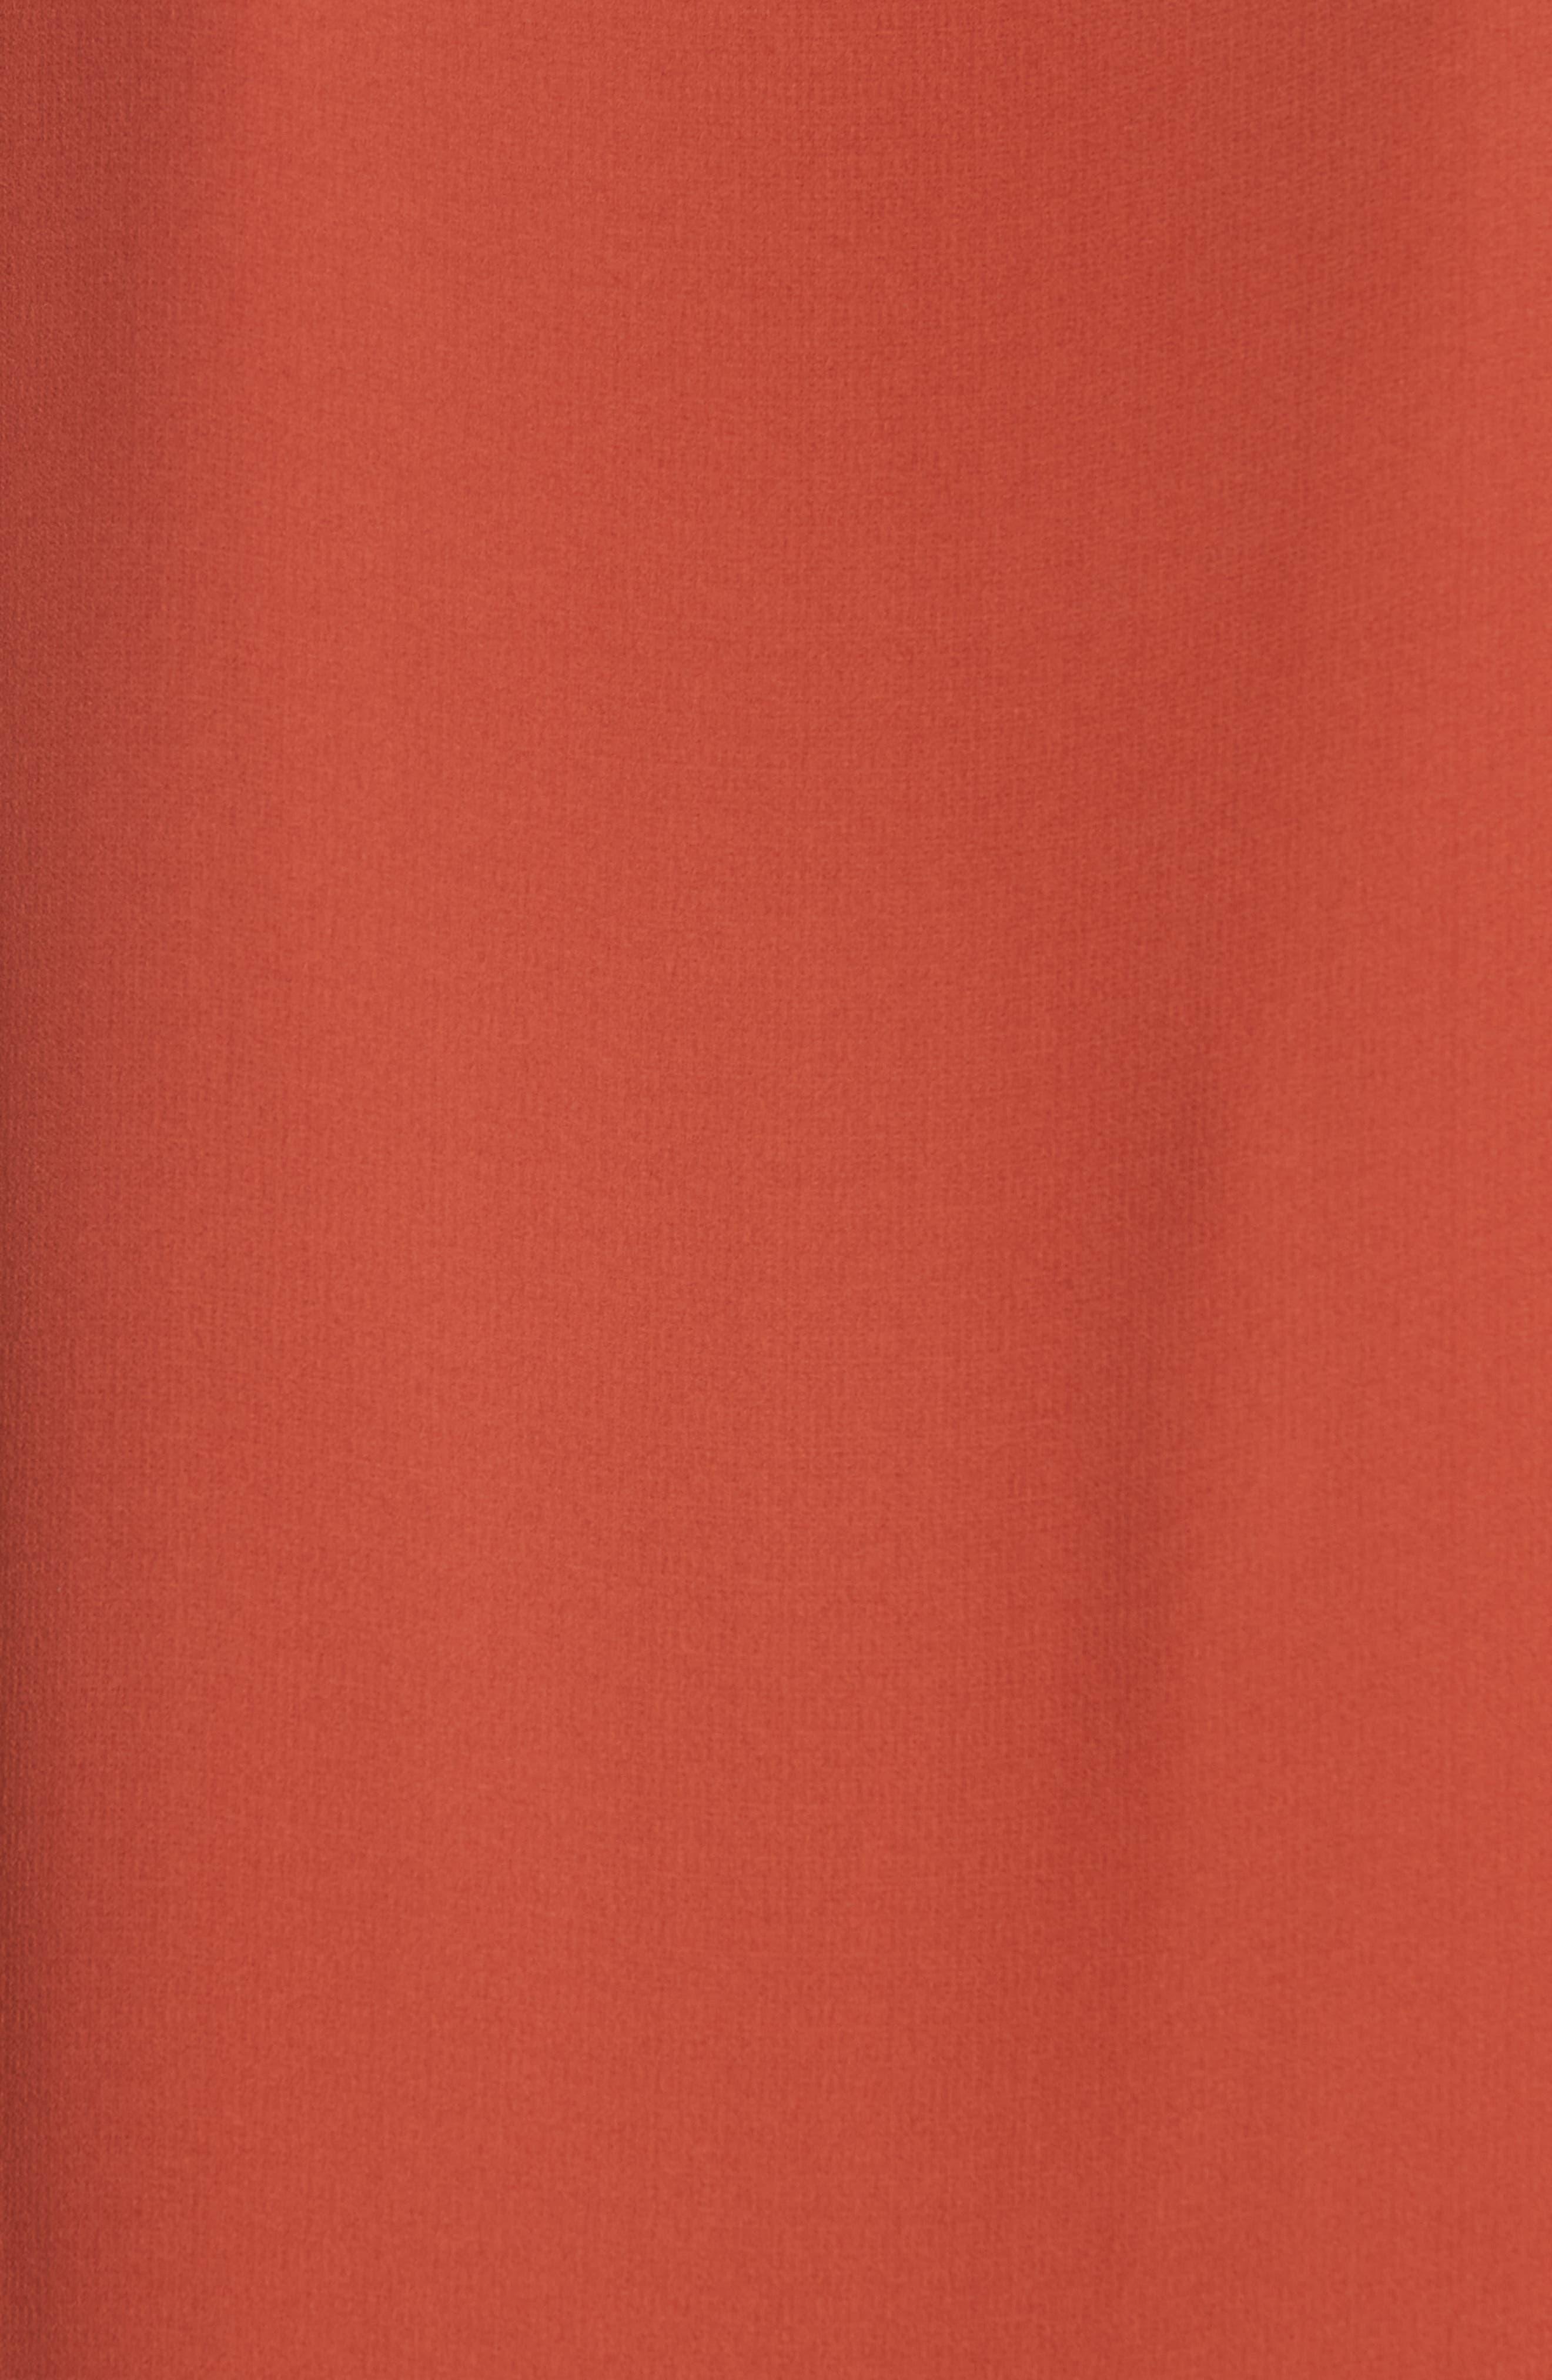 Long Bateau Neck Silk Shell,                             Alternate thumbnail 3, color,                             Orange Pekoe